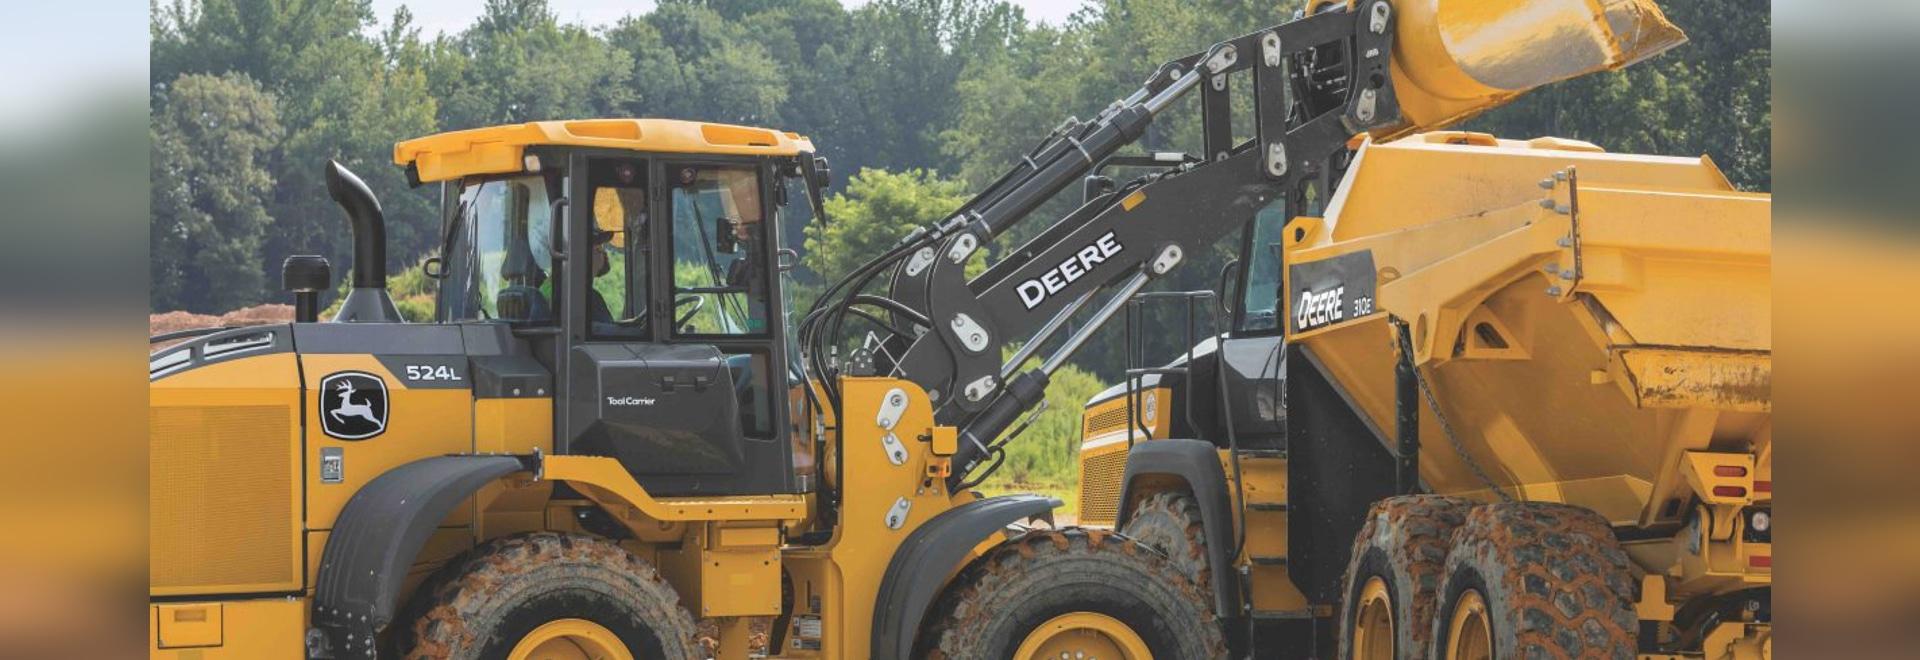 John Deere 524, 544, 624 cargadores de la rueda de la serie L